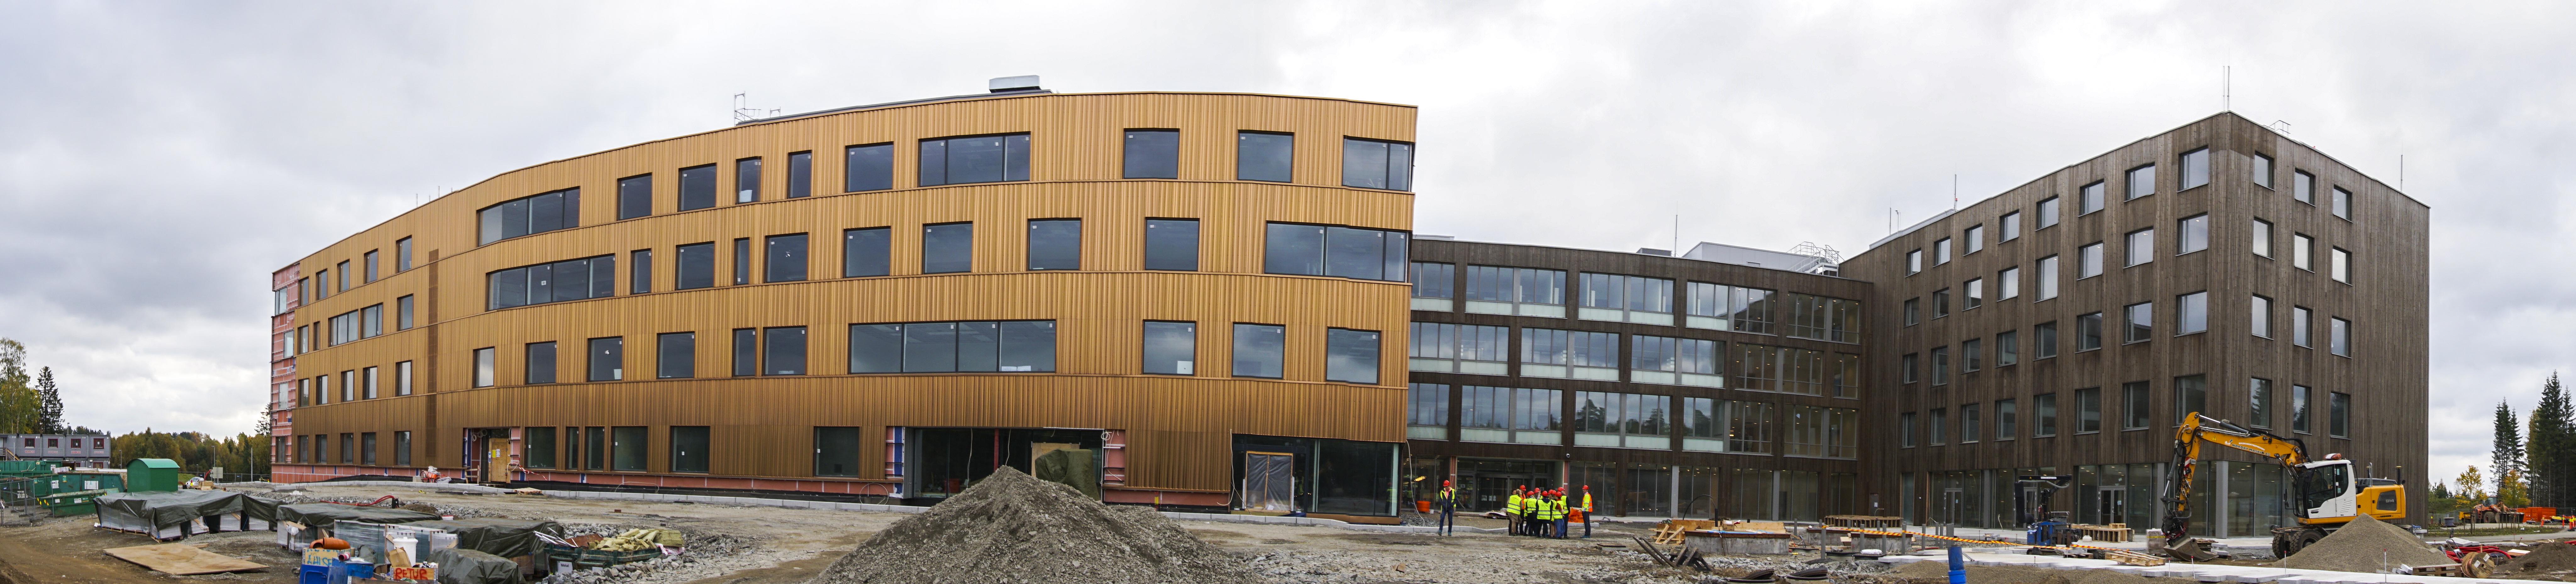 PTØ Norges nye hovedsenter begynner å ta form